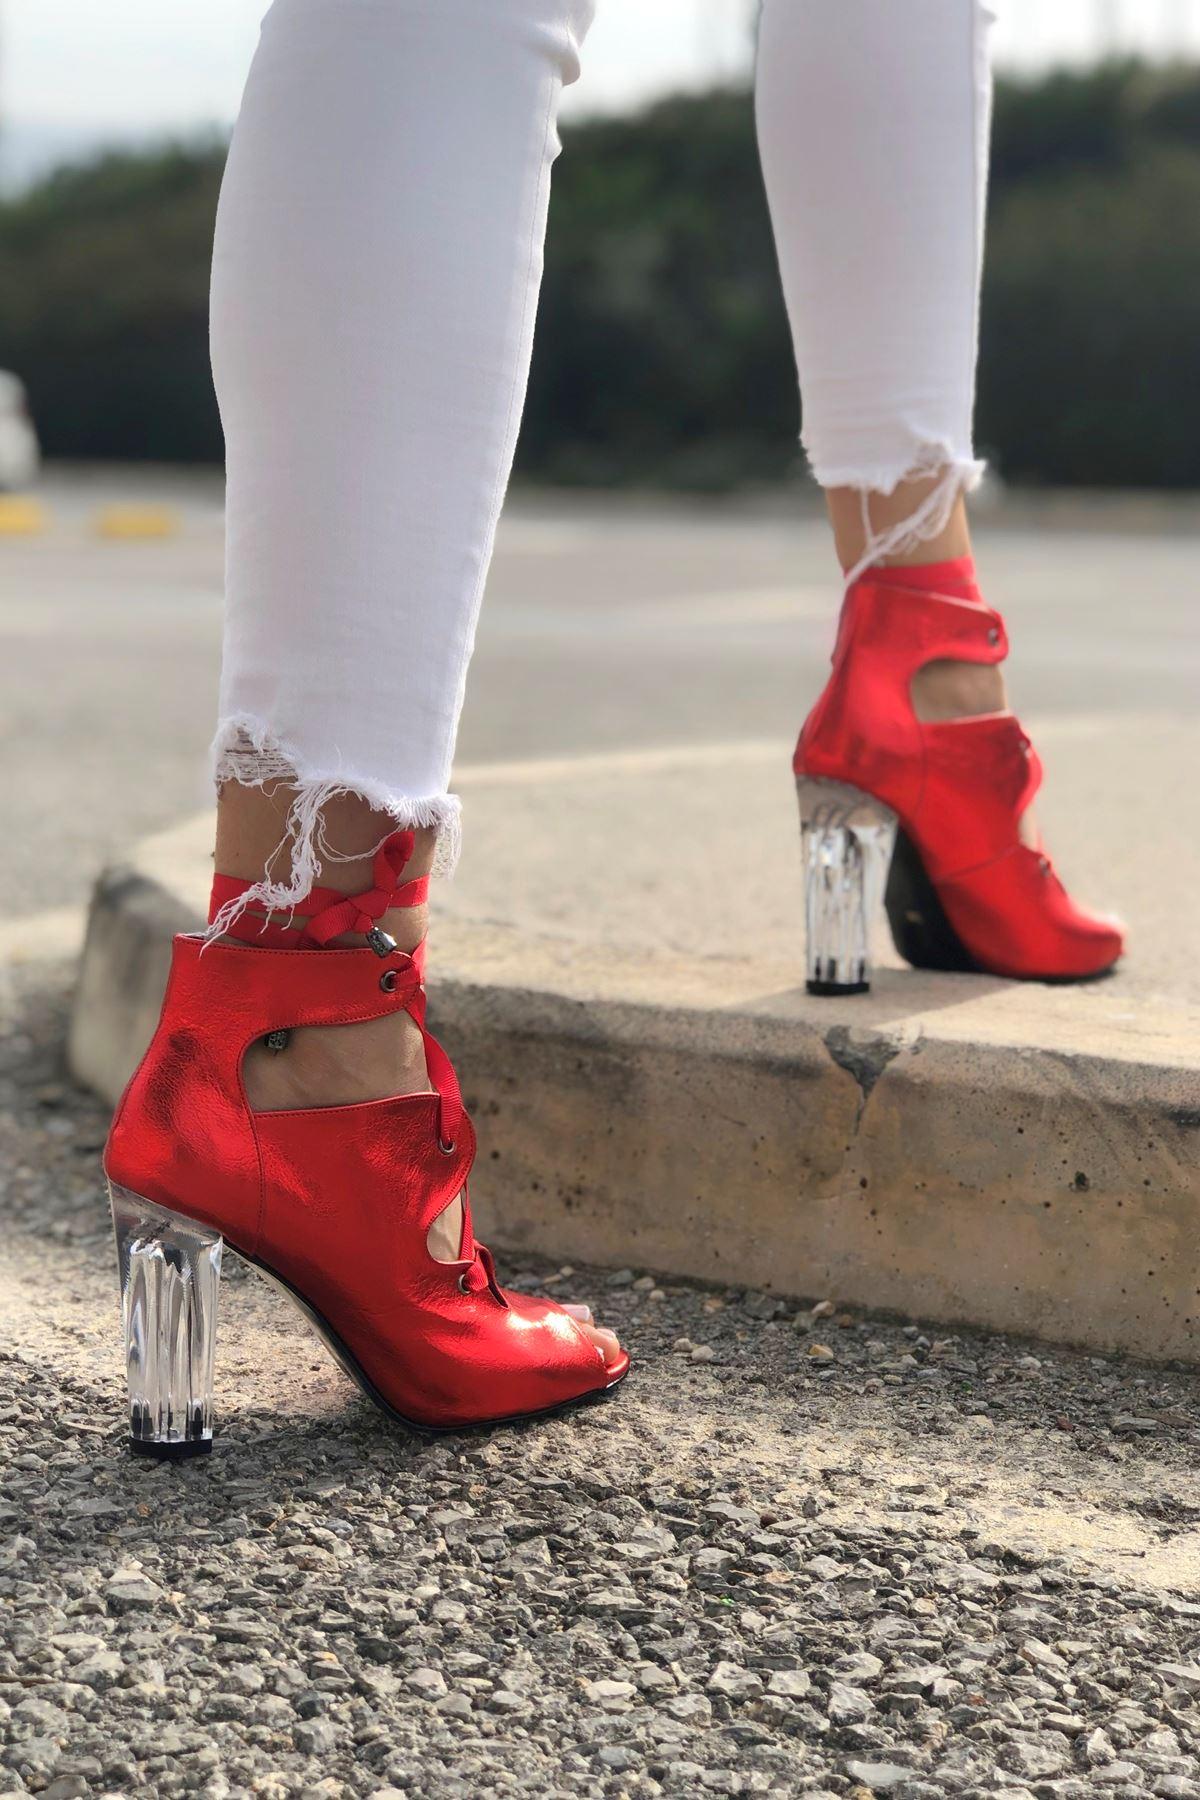 Amata Kırmızı Parlak Topuklu Kadın Ayakkabı